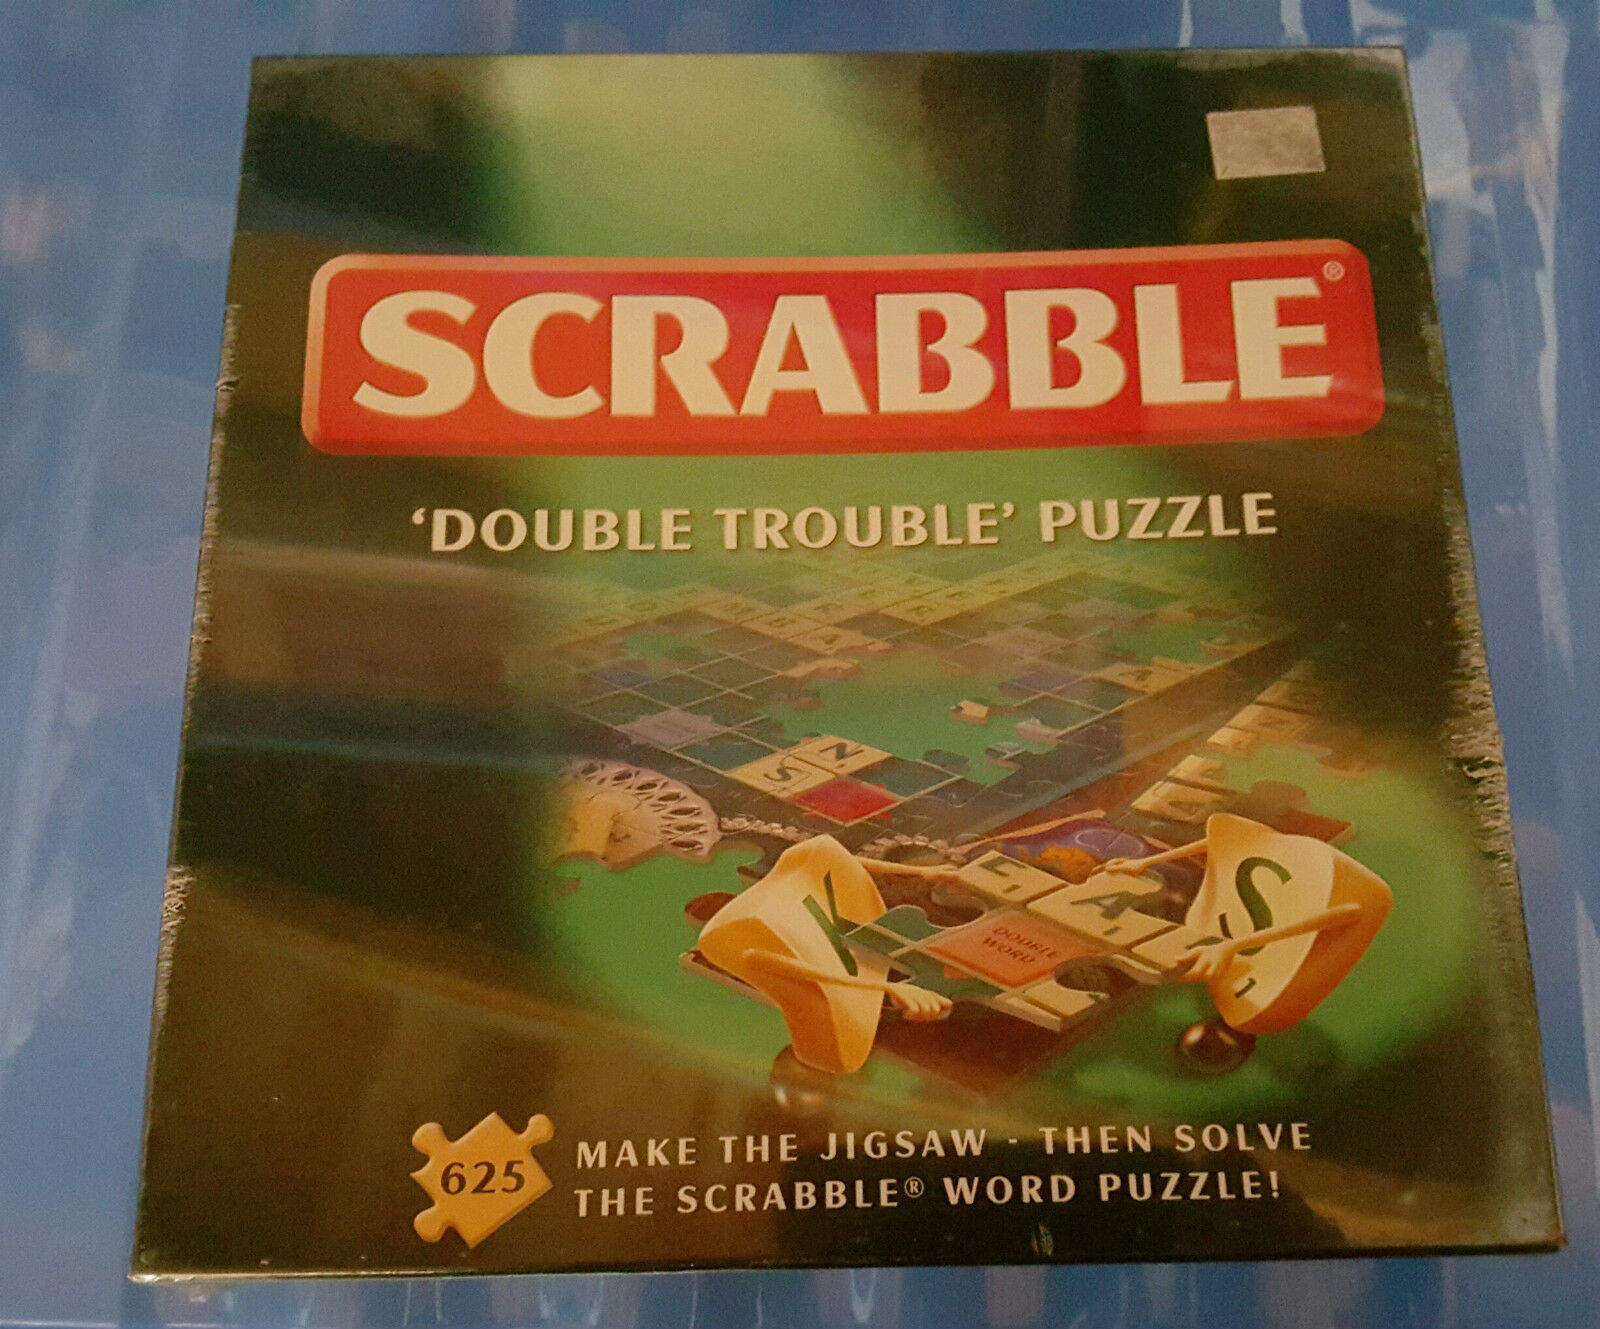 Poudrière jeux scrabble  double trouble  puzzle ' 625 piece jigsaw scellé